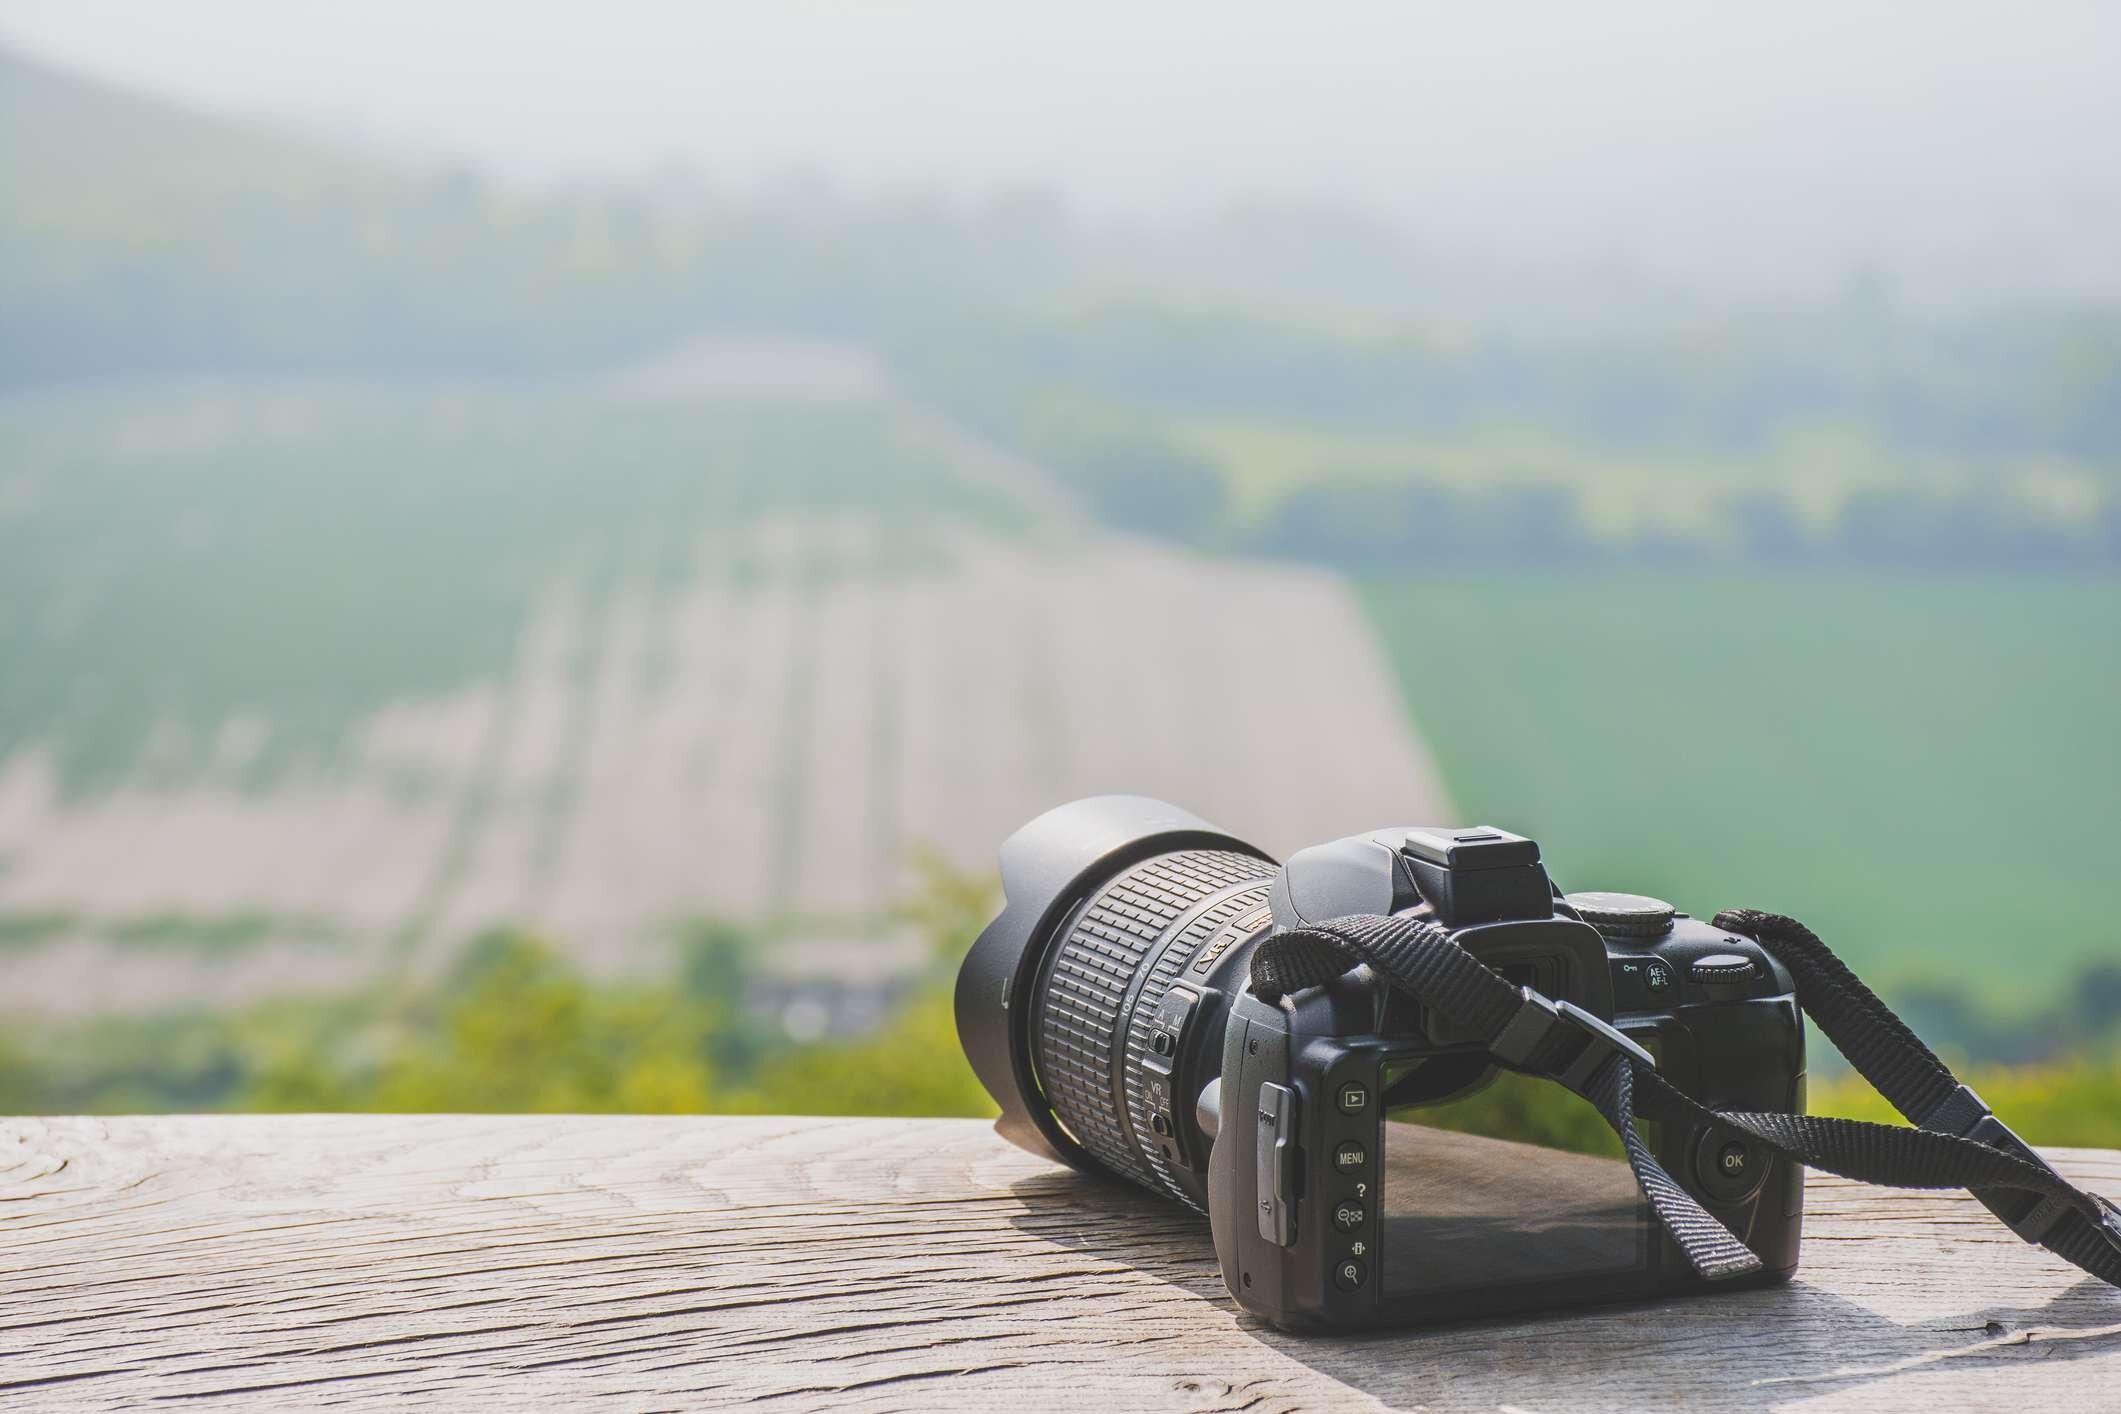 Lựa chọn lens kit phù hợp với hoàn cảnh và mục đích chụp ảnh